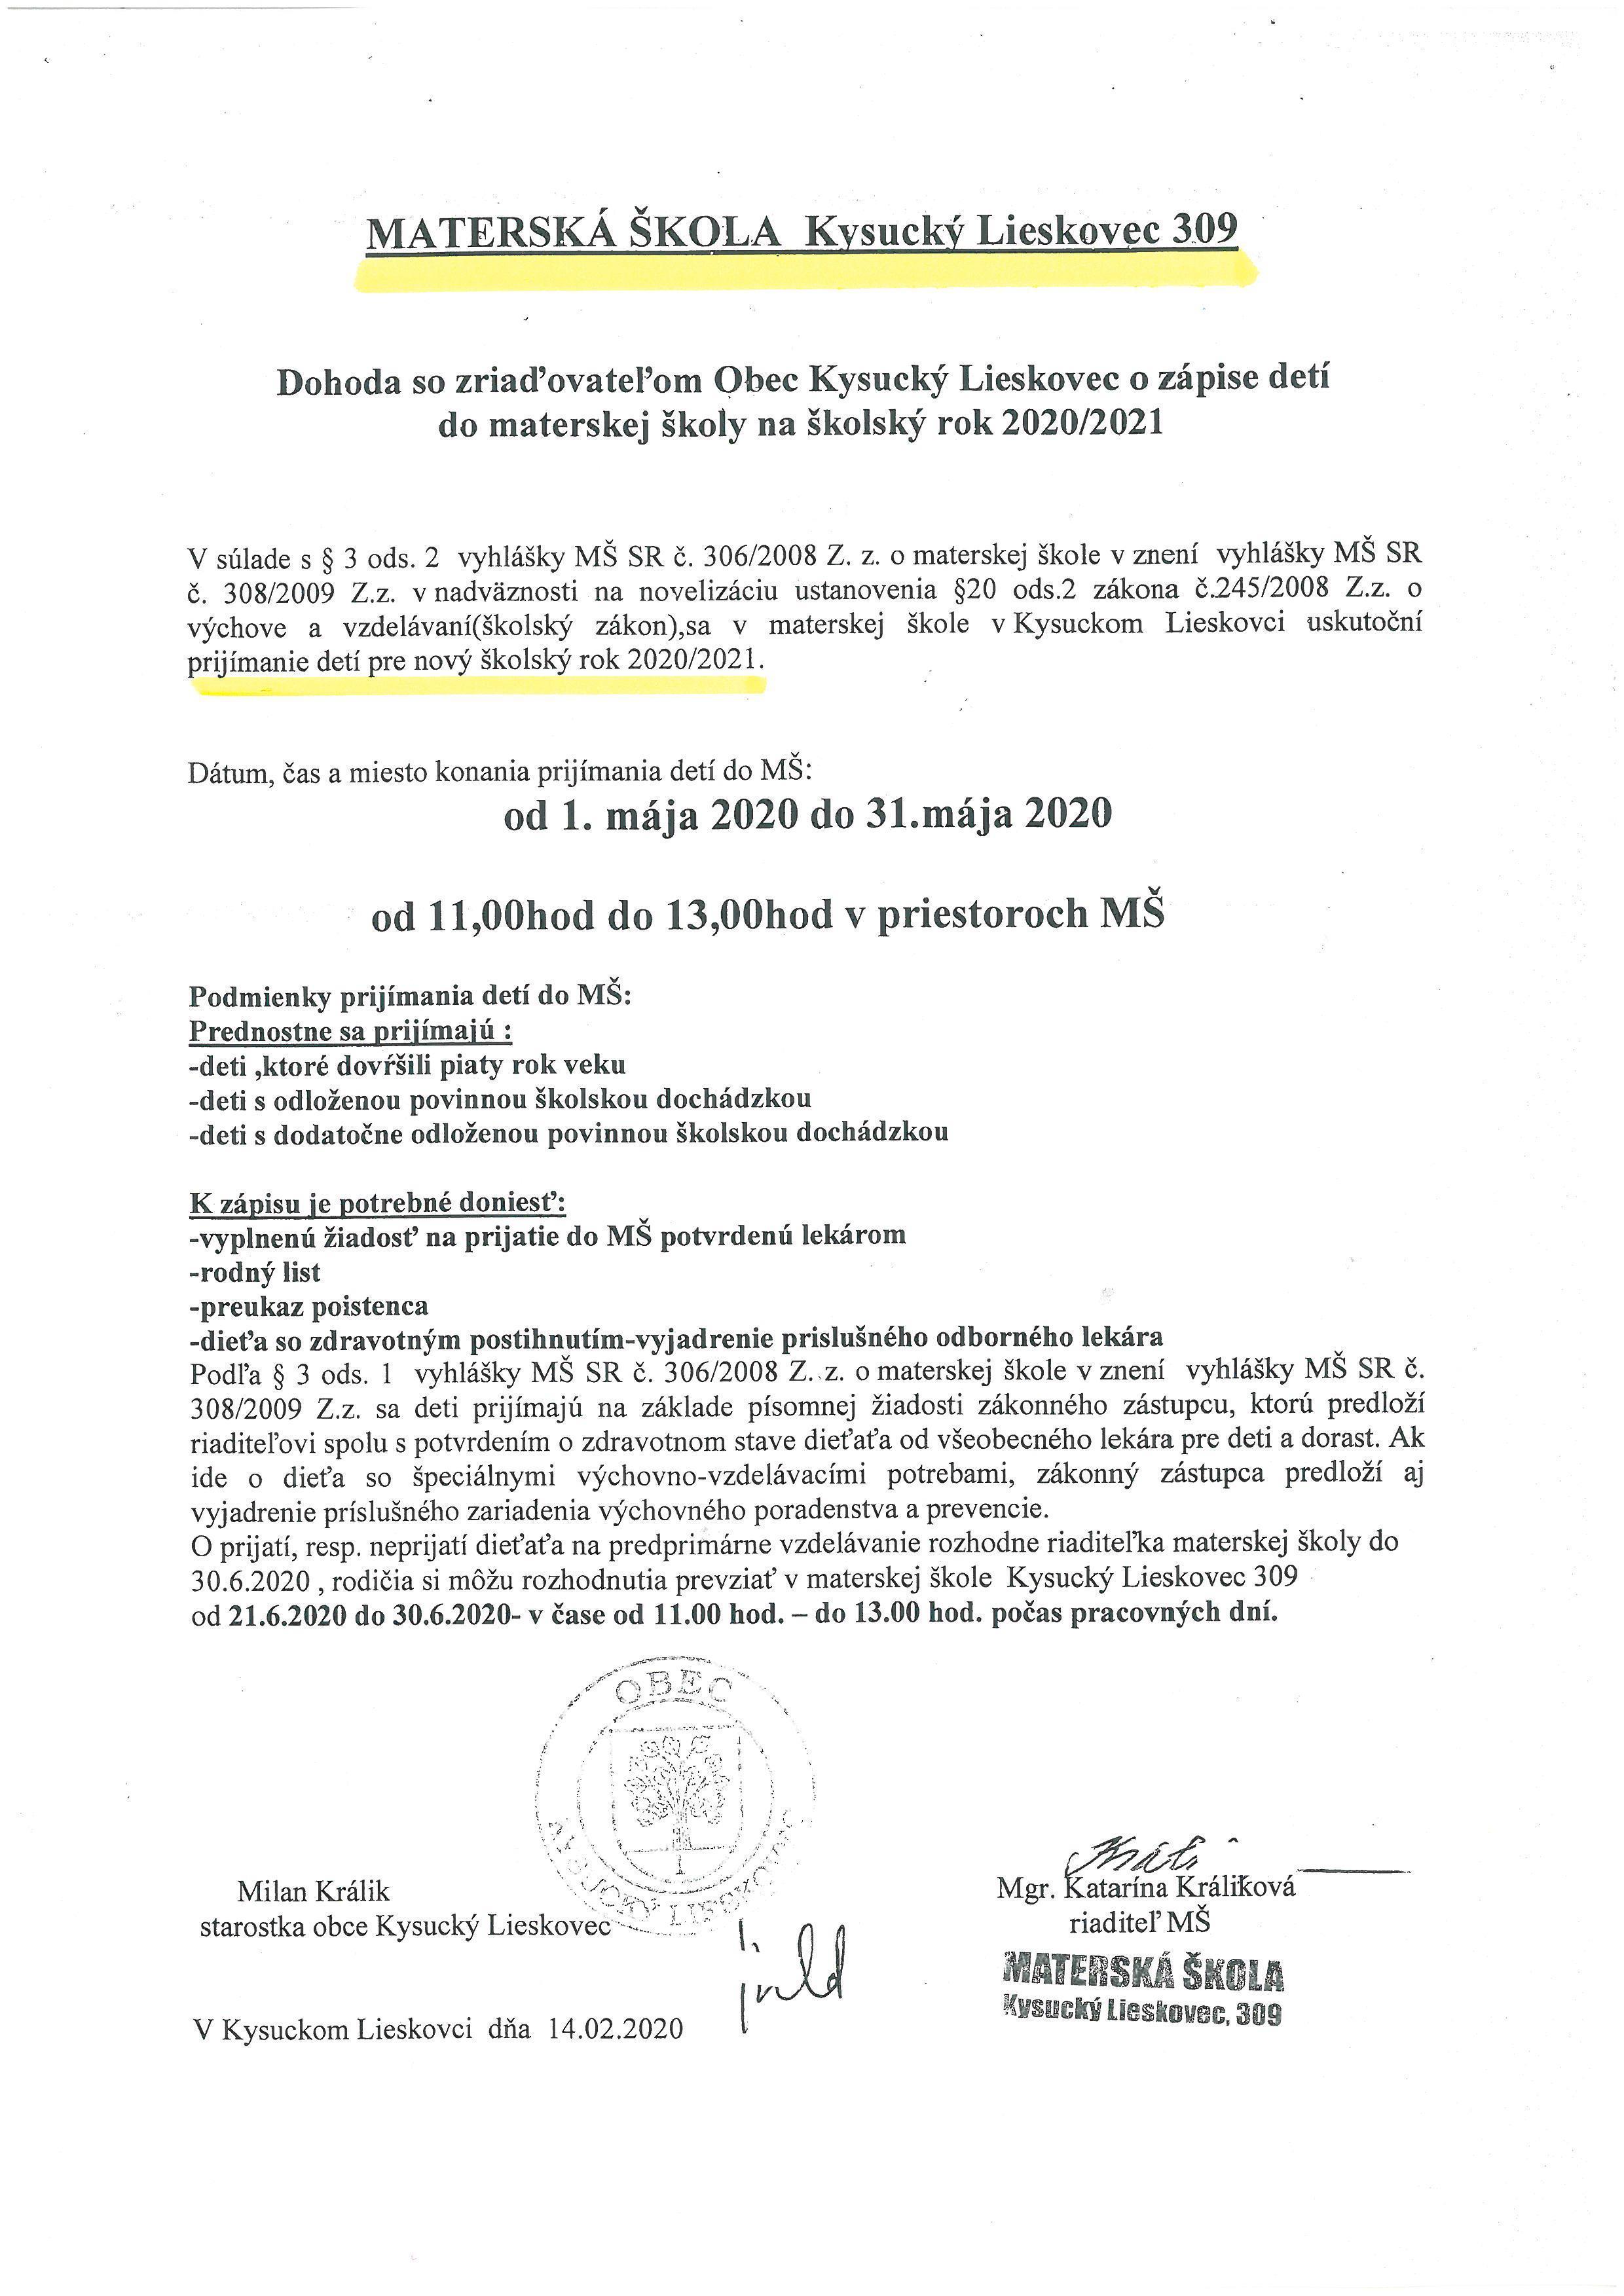 Materská škola Kysucký Lieskovec-prijímanie detí na nový školský rok 2020/2021